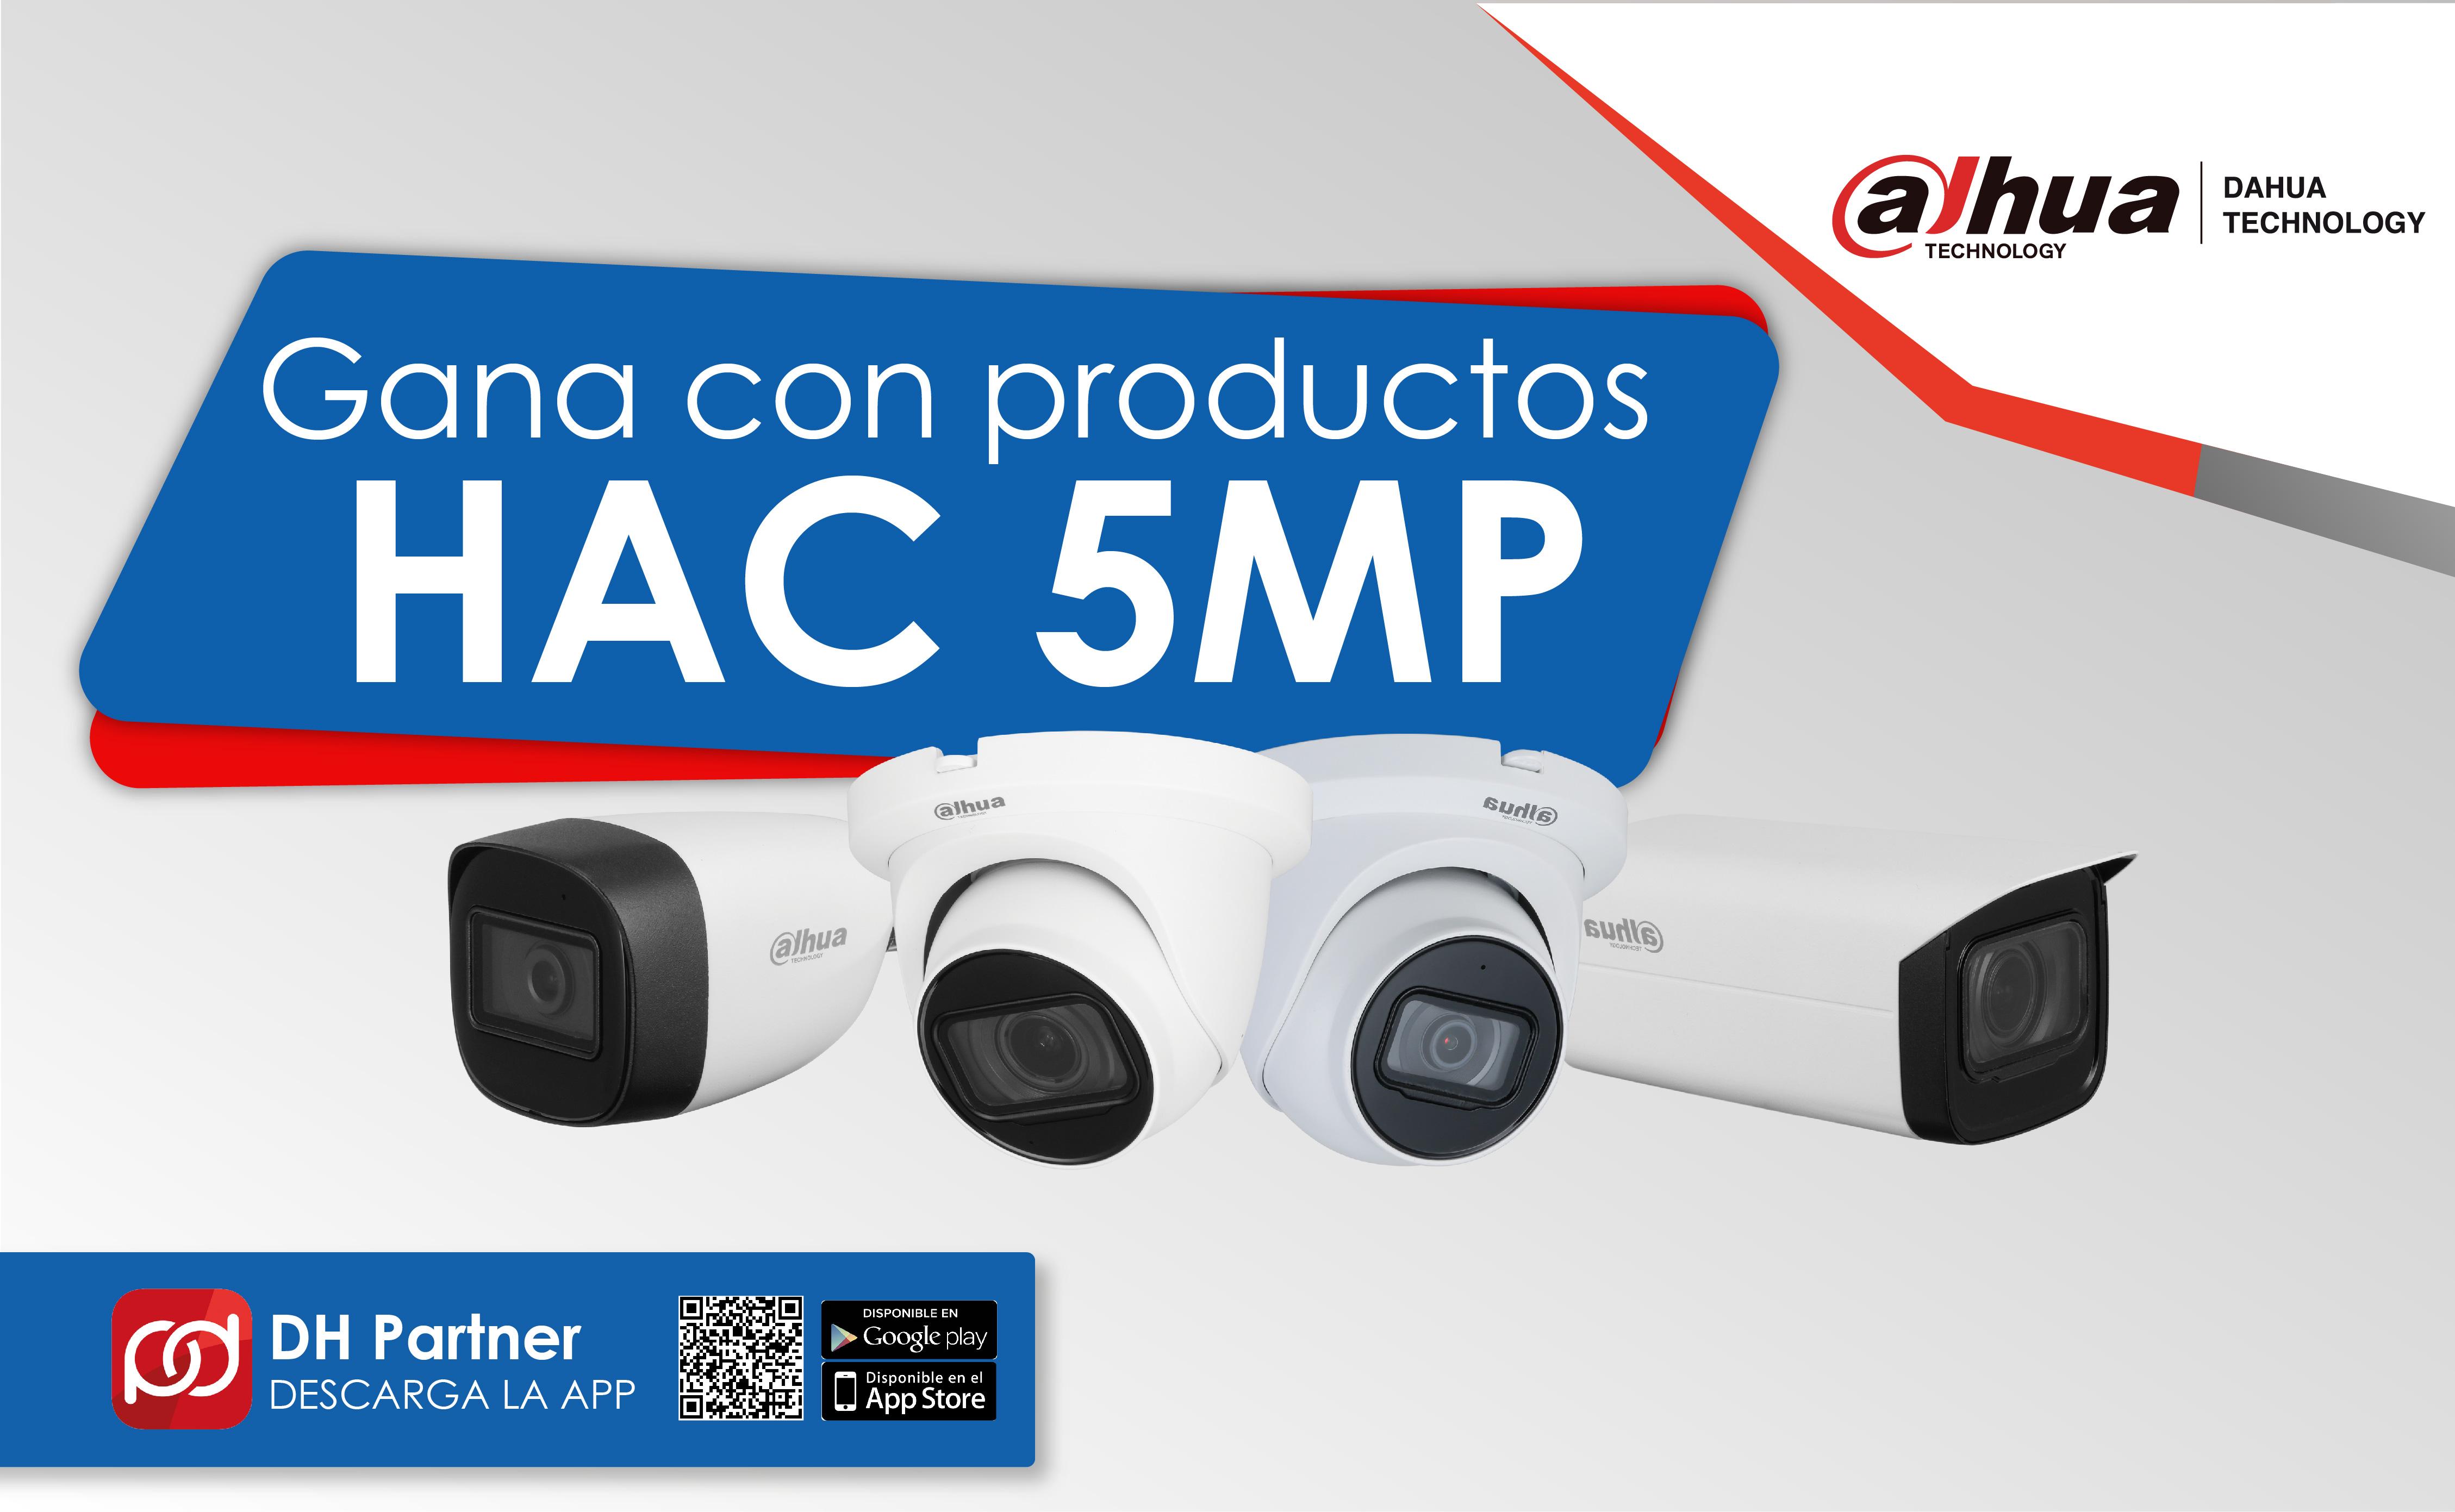 Gana con productos HAC 5MP